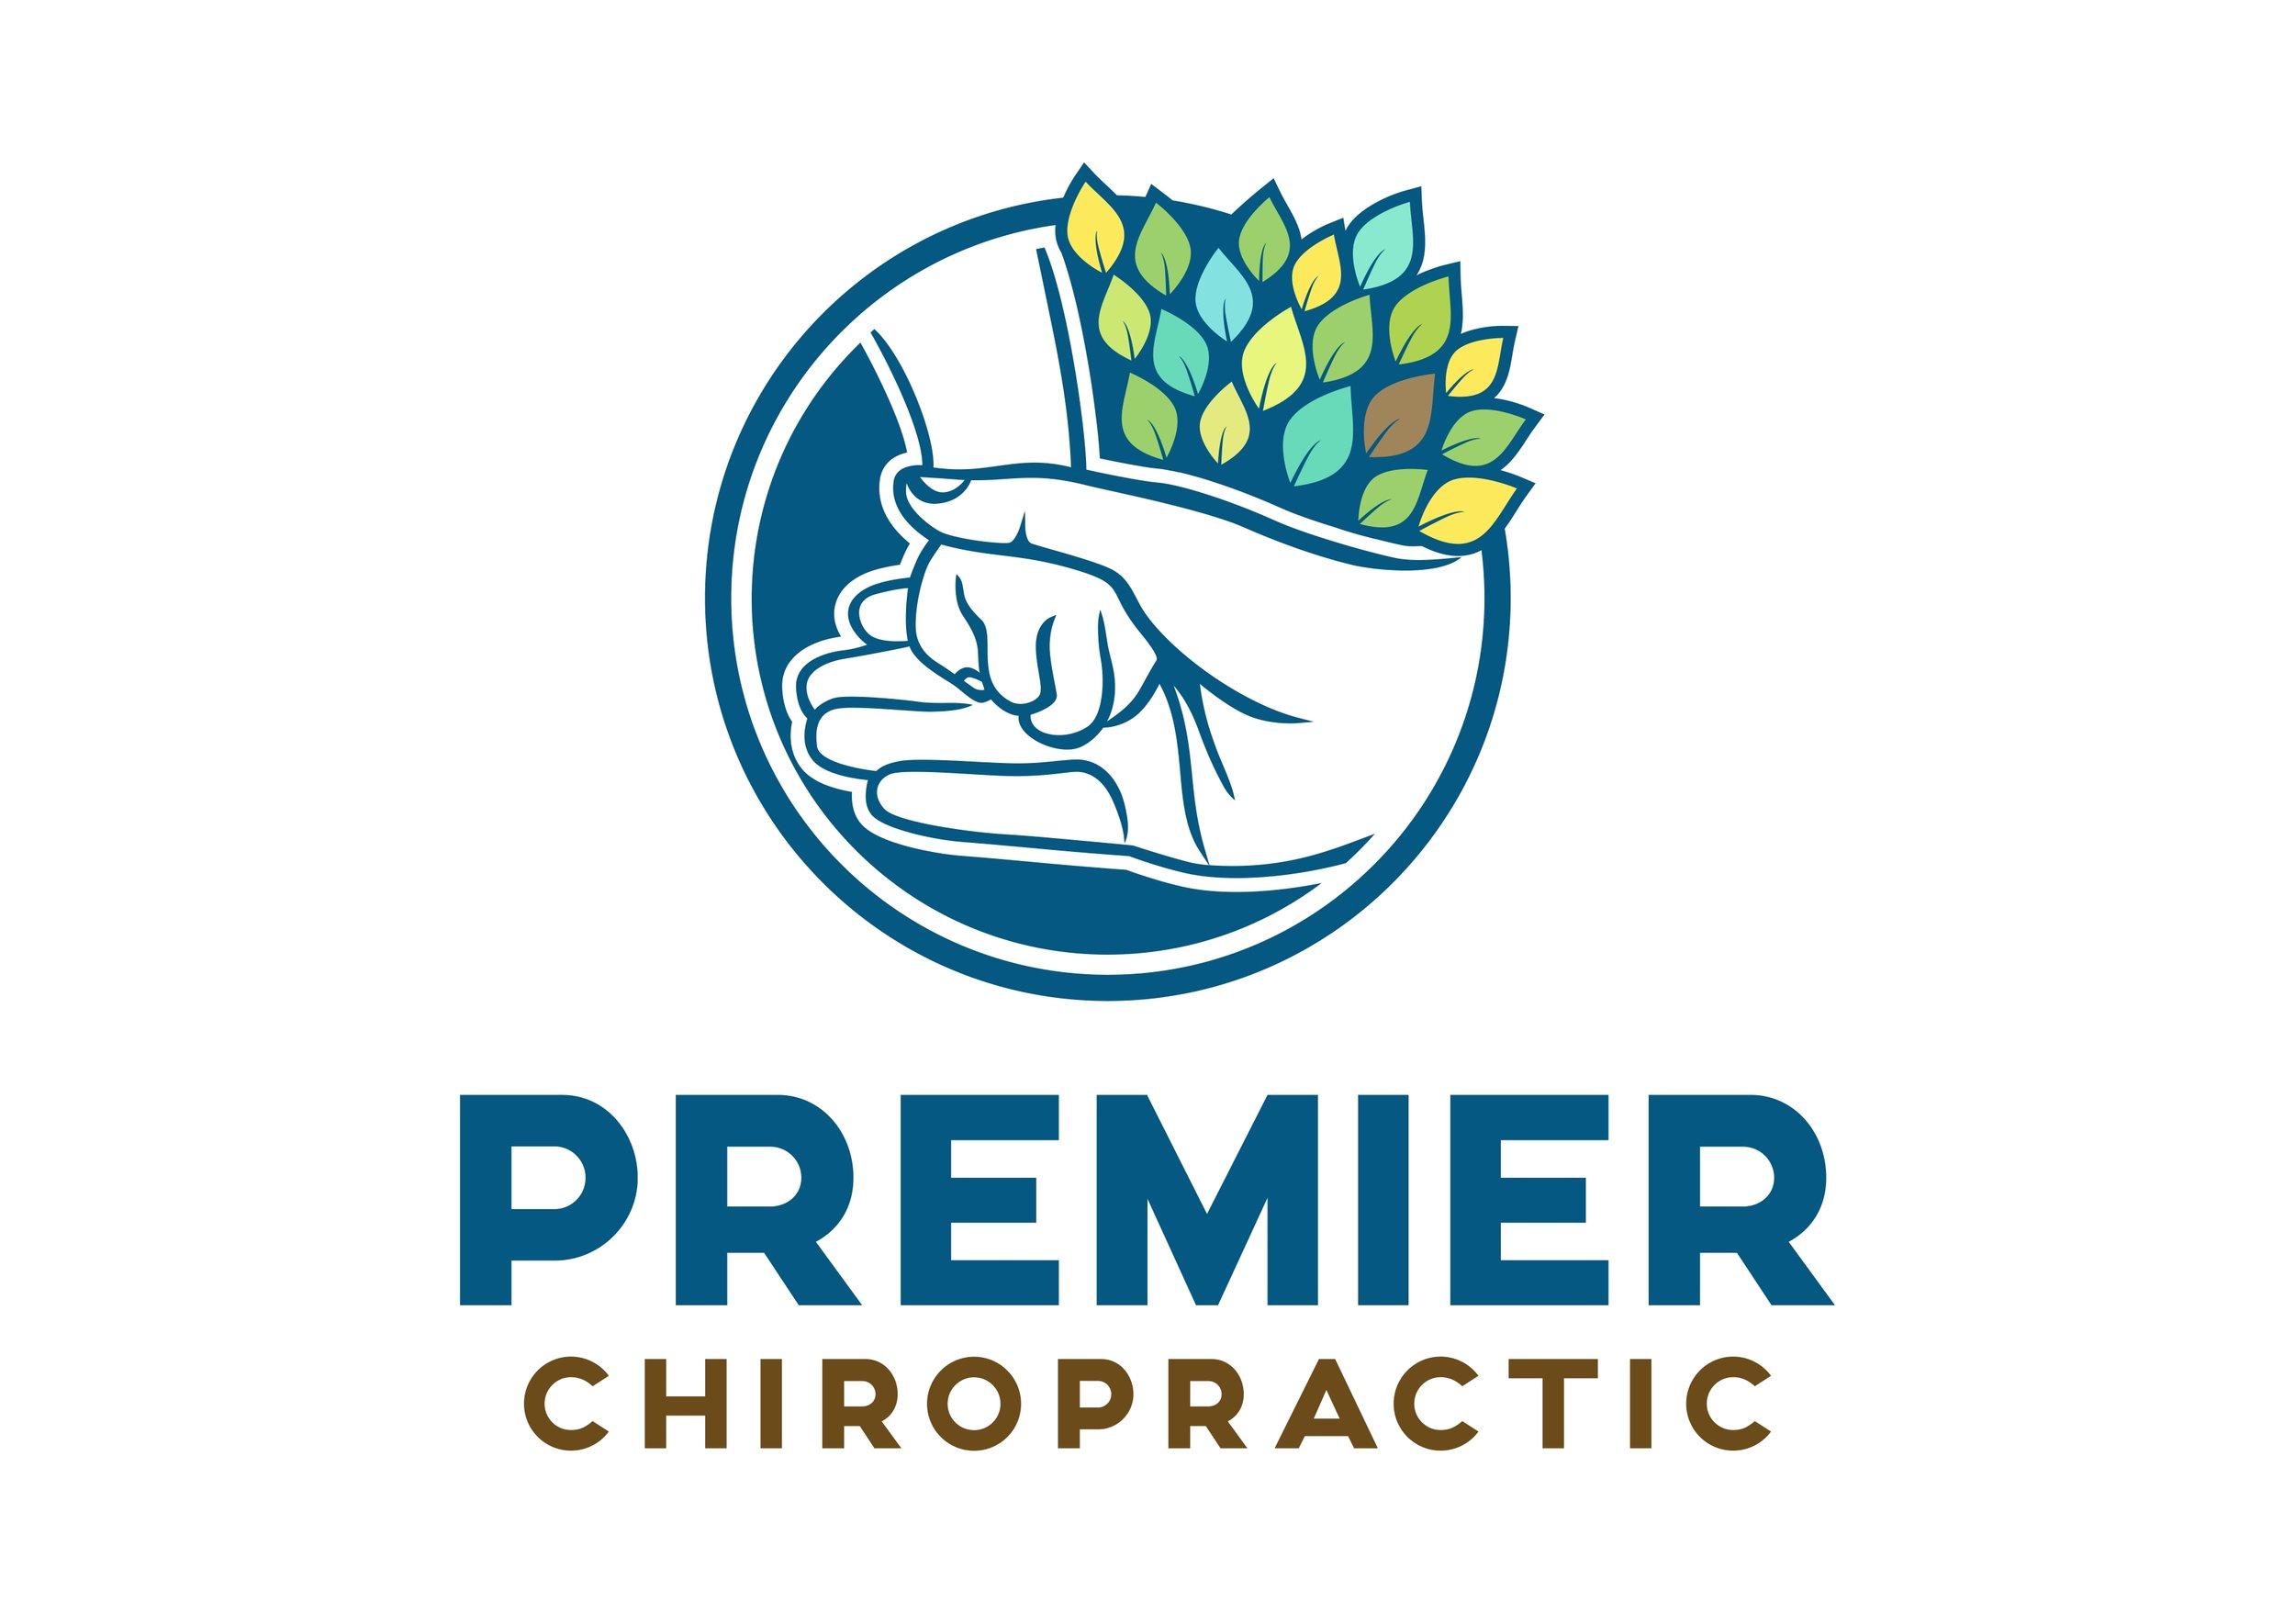 Premier Chiropractic.jpg